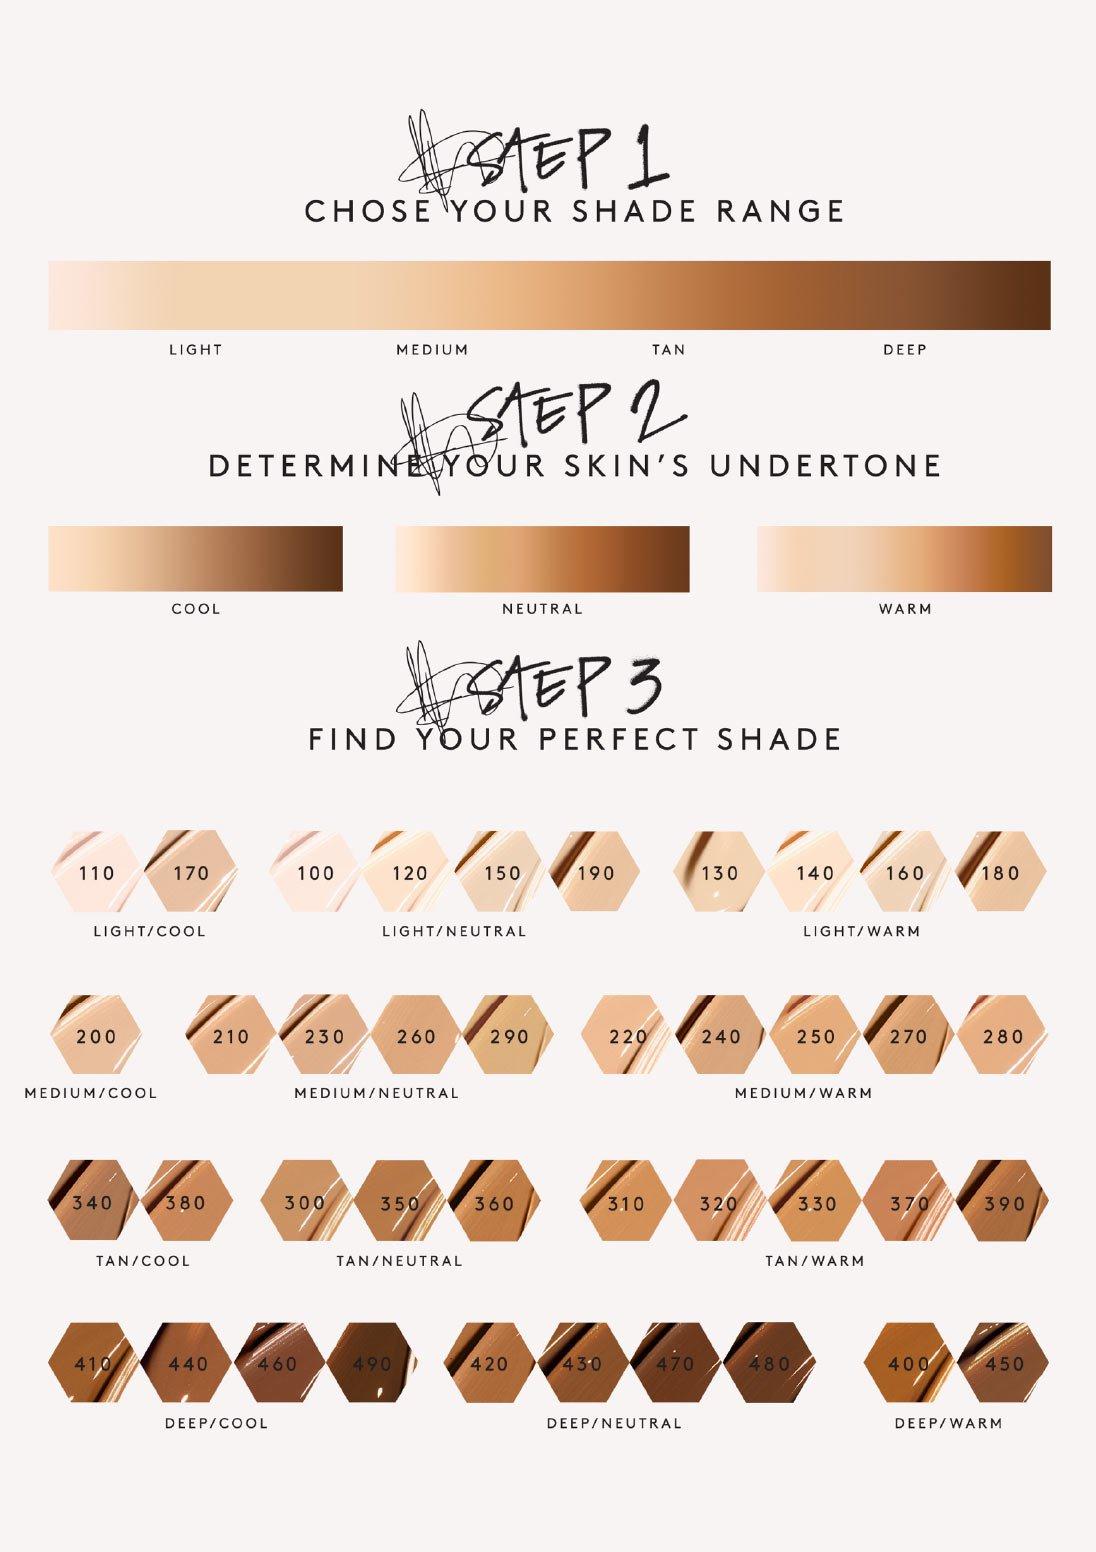 Fenty Beauty's shade range, photo via  Sephora